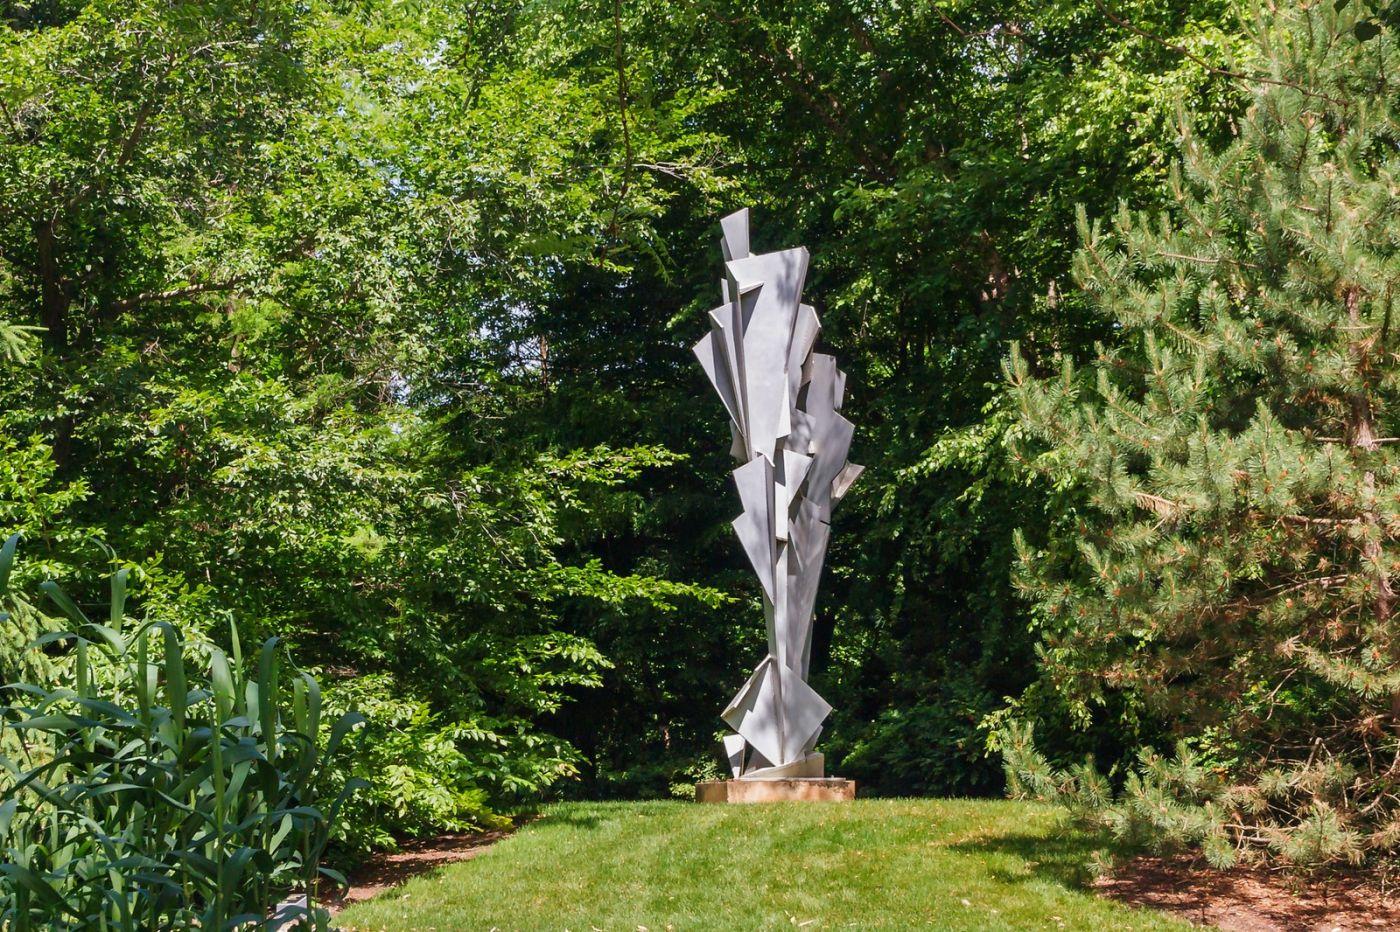 新泽西州雕塑公园(Grounds for scuplture),题材很广_图1-21